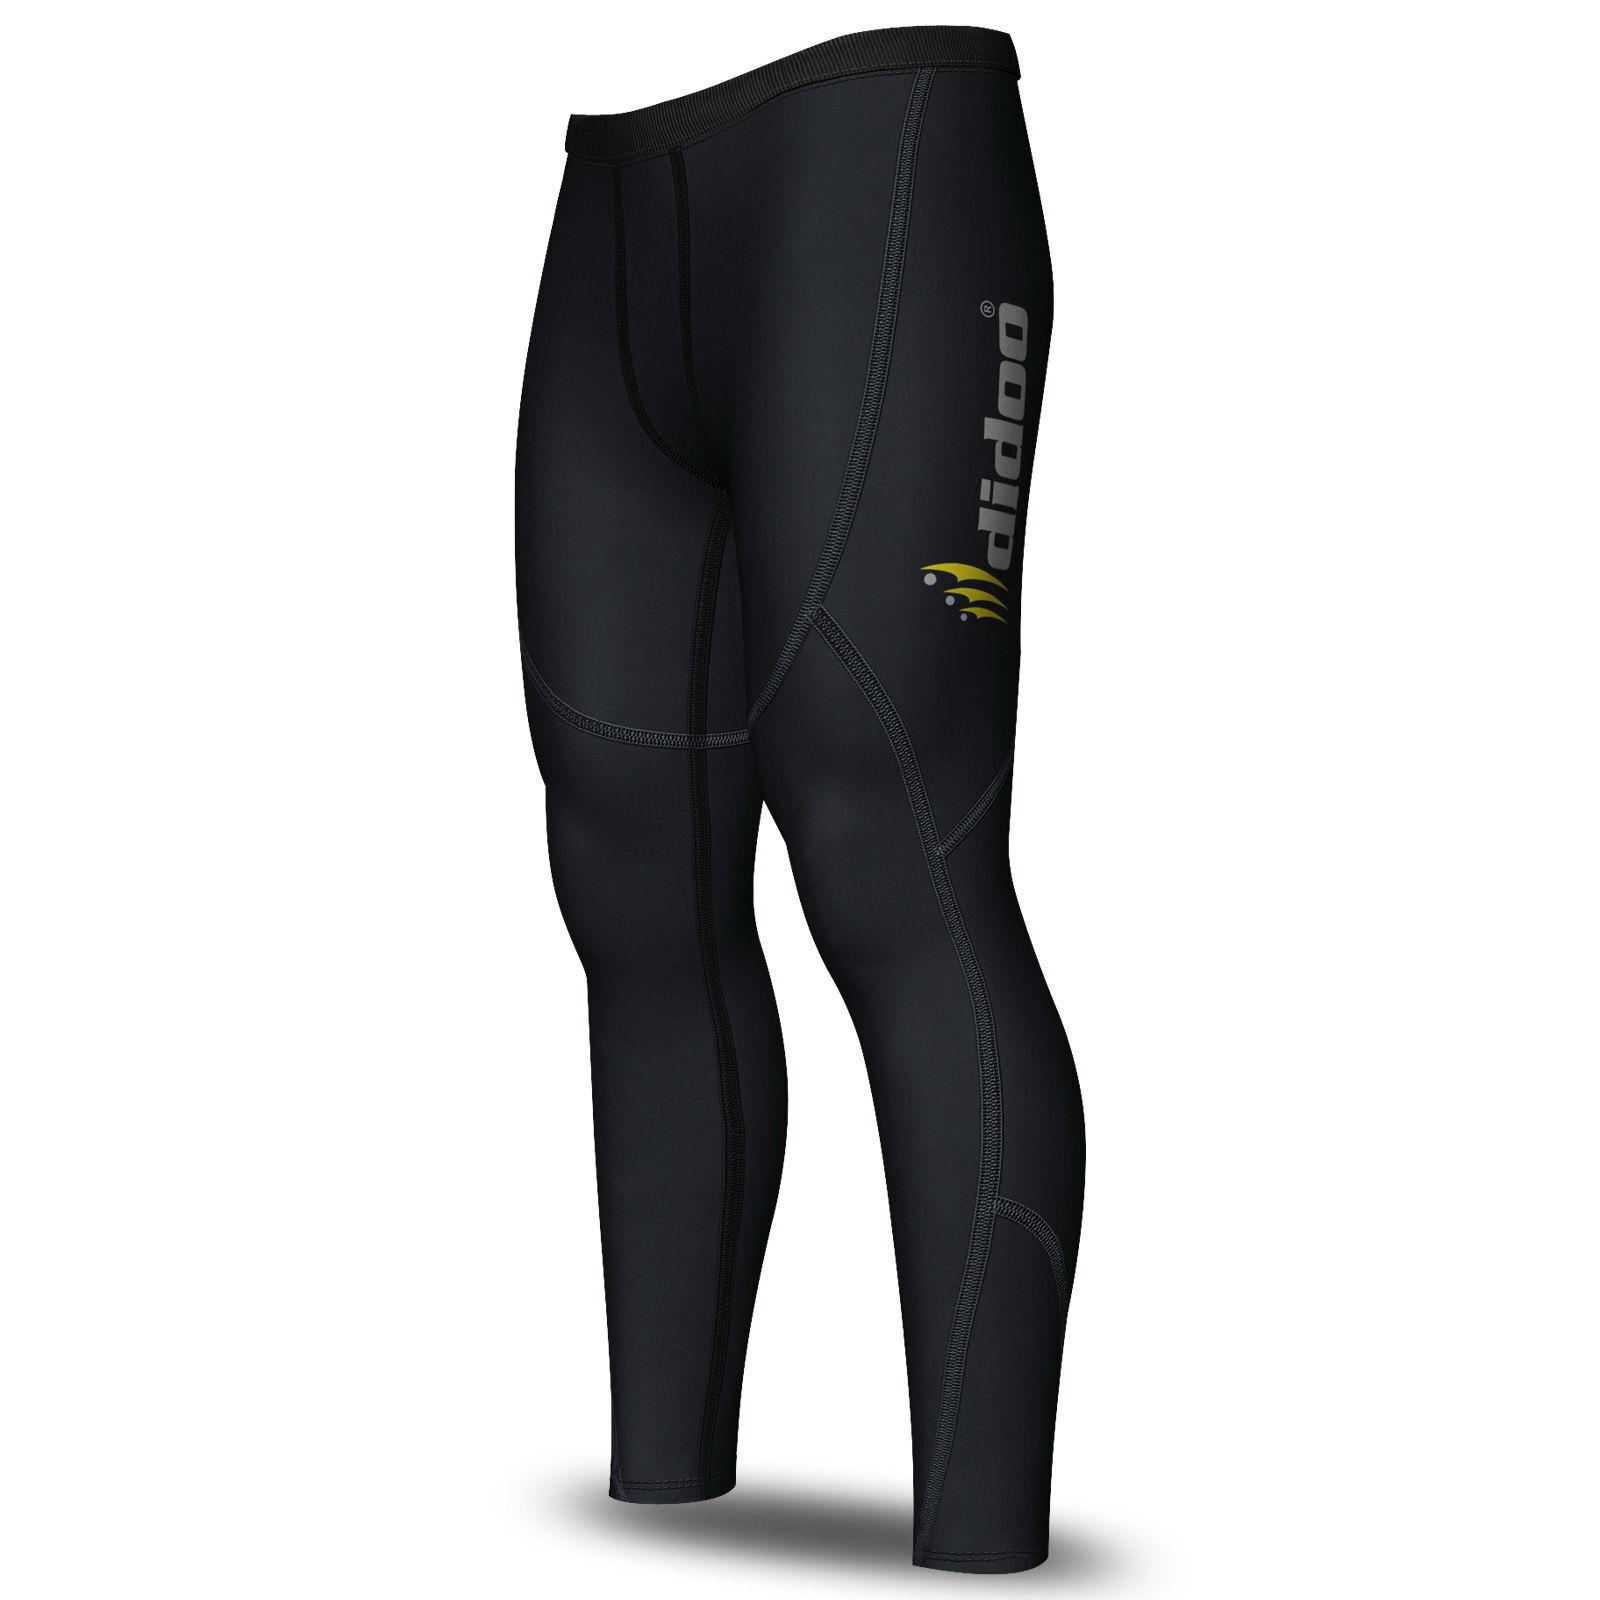 Dettagli su Termico da Uomo Contenitive Livello Base Pantaloni Corsa Aderente Cold Wear